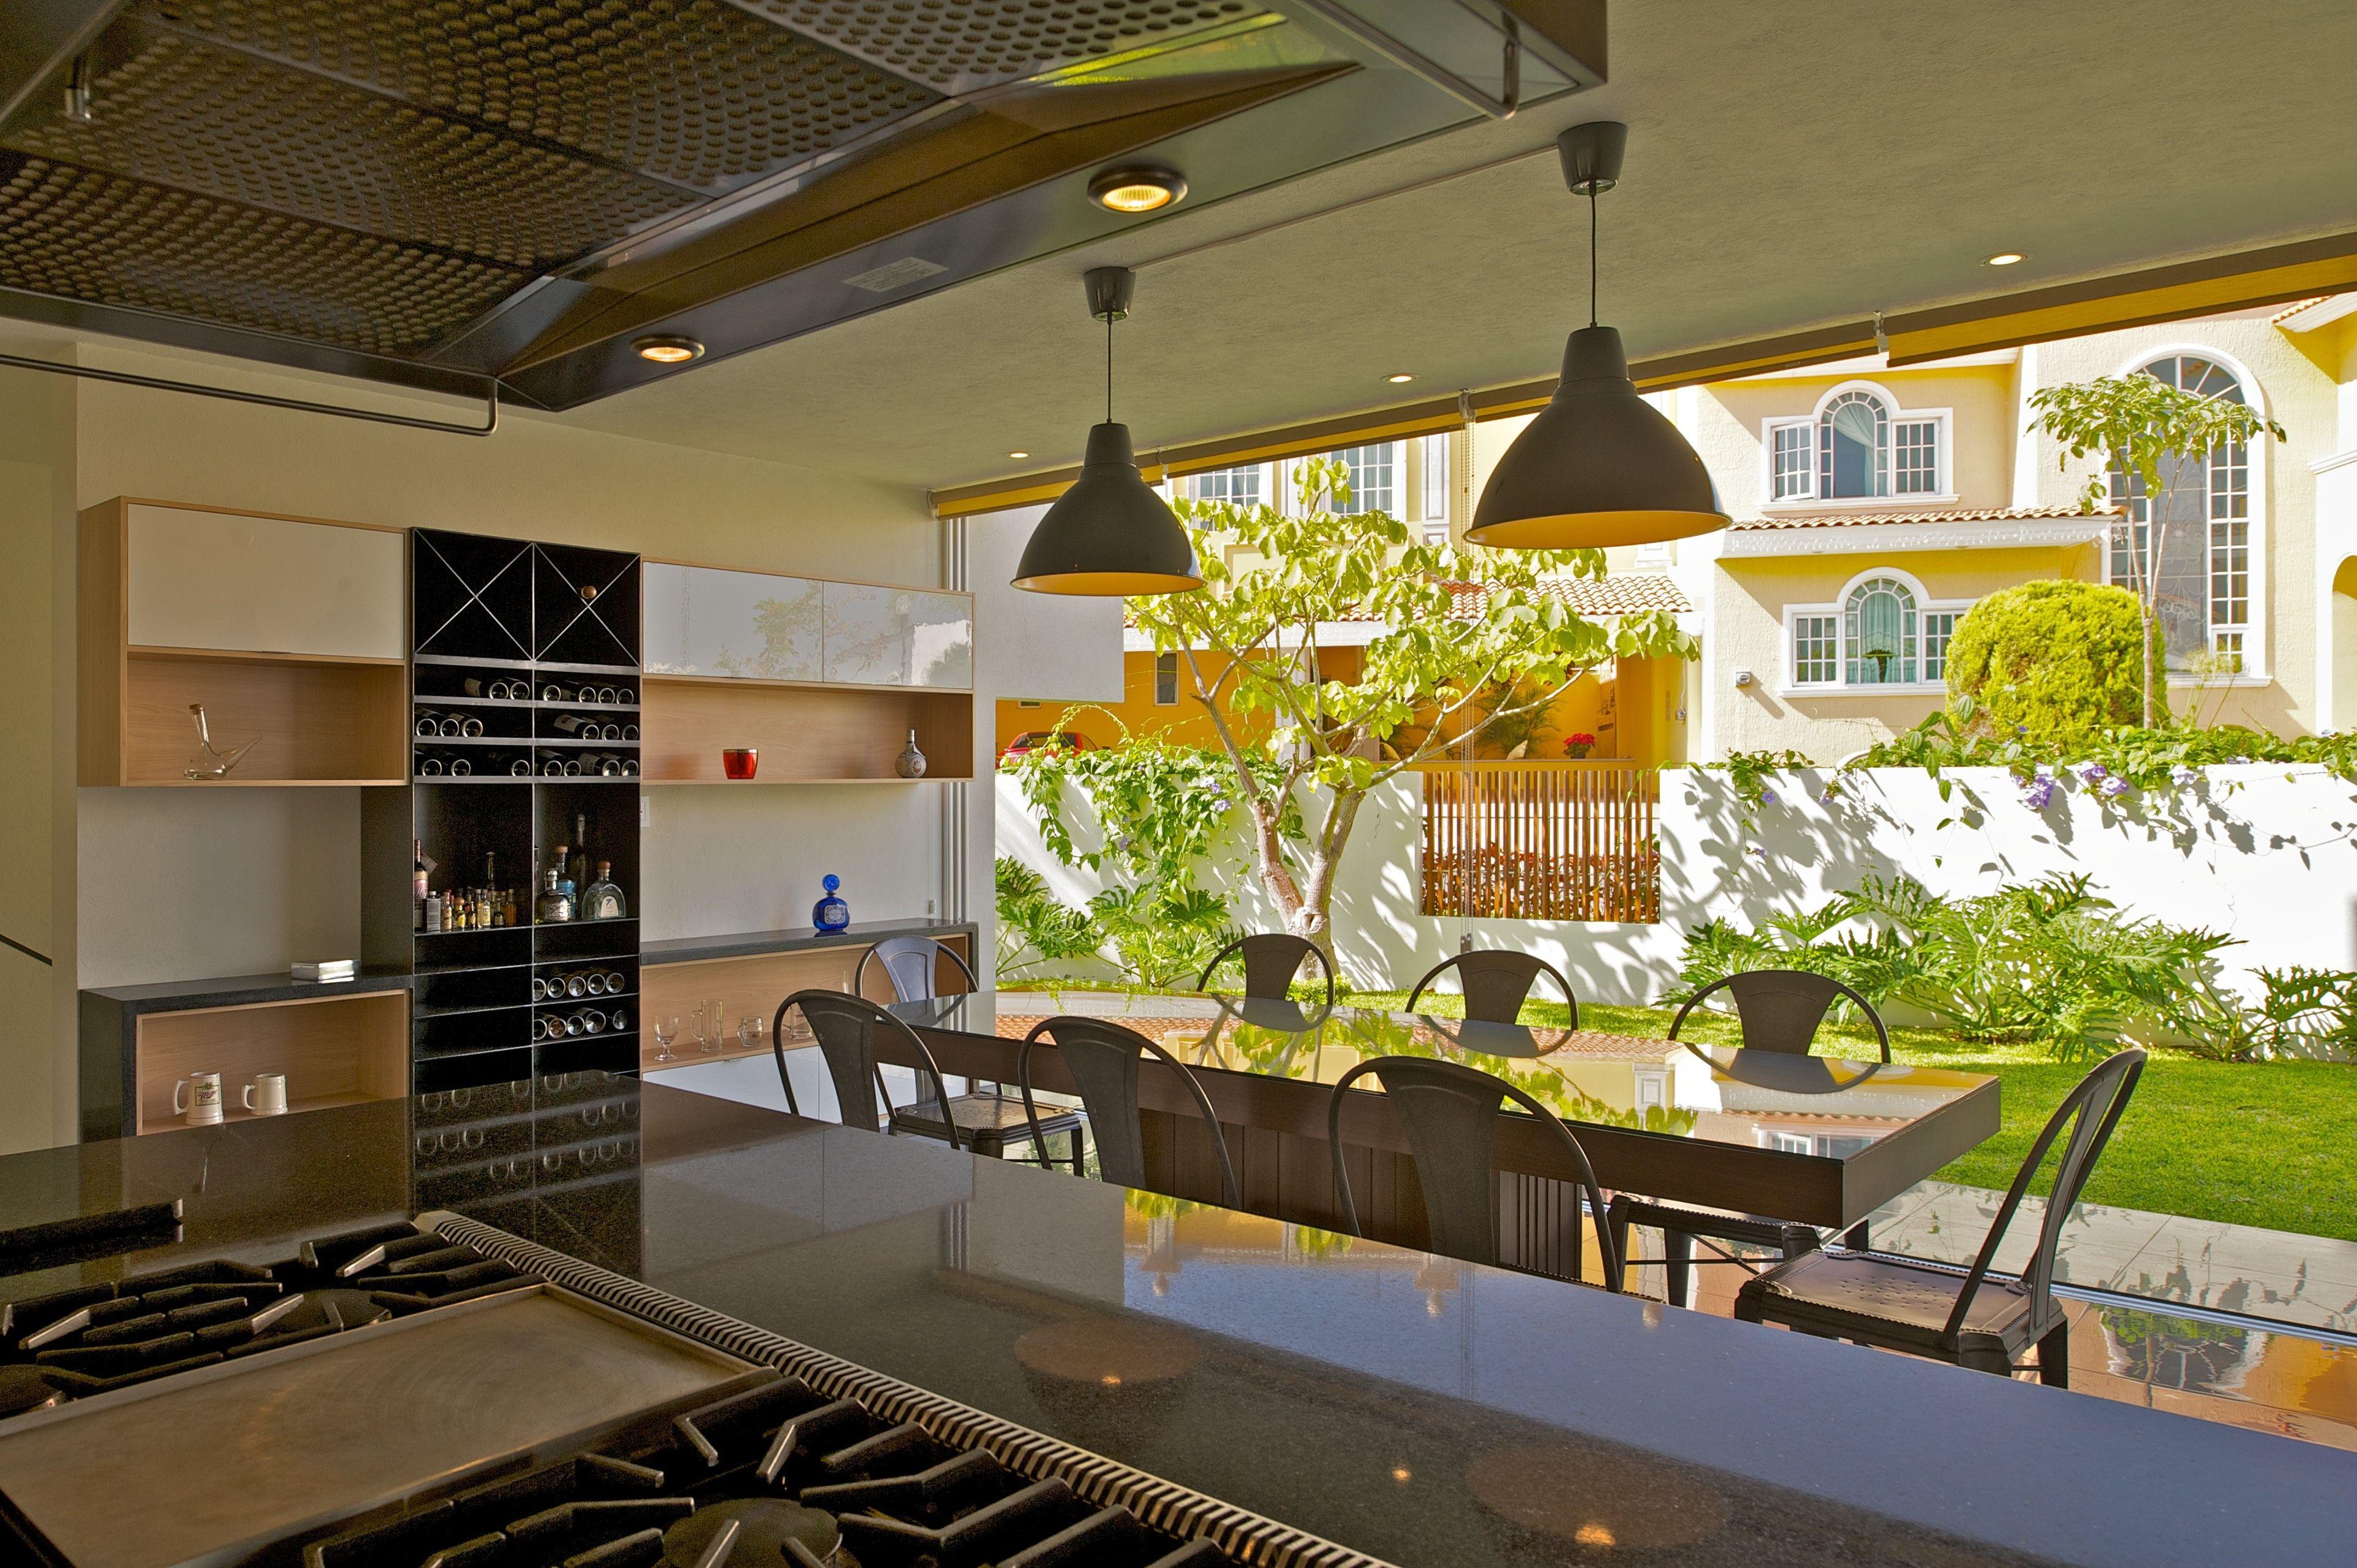 Single Family House Guadalajara M Xico Cocina Pinterest  # Muebles Peyan Guadalajara